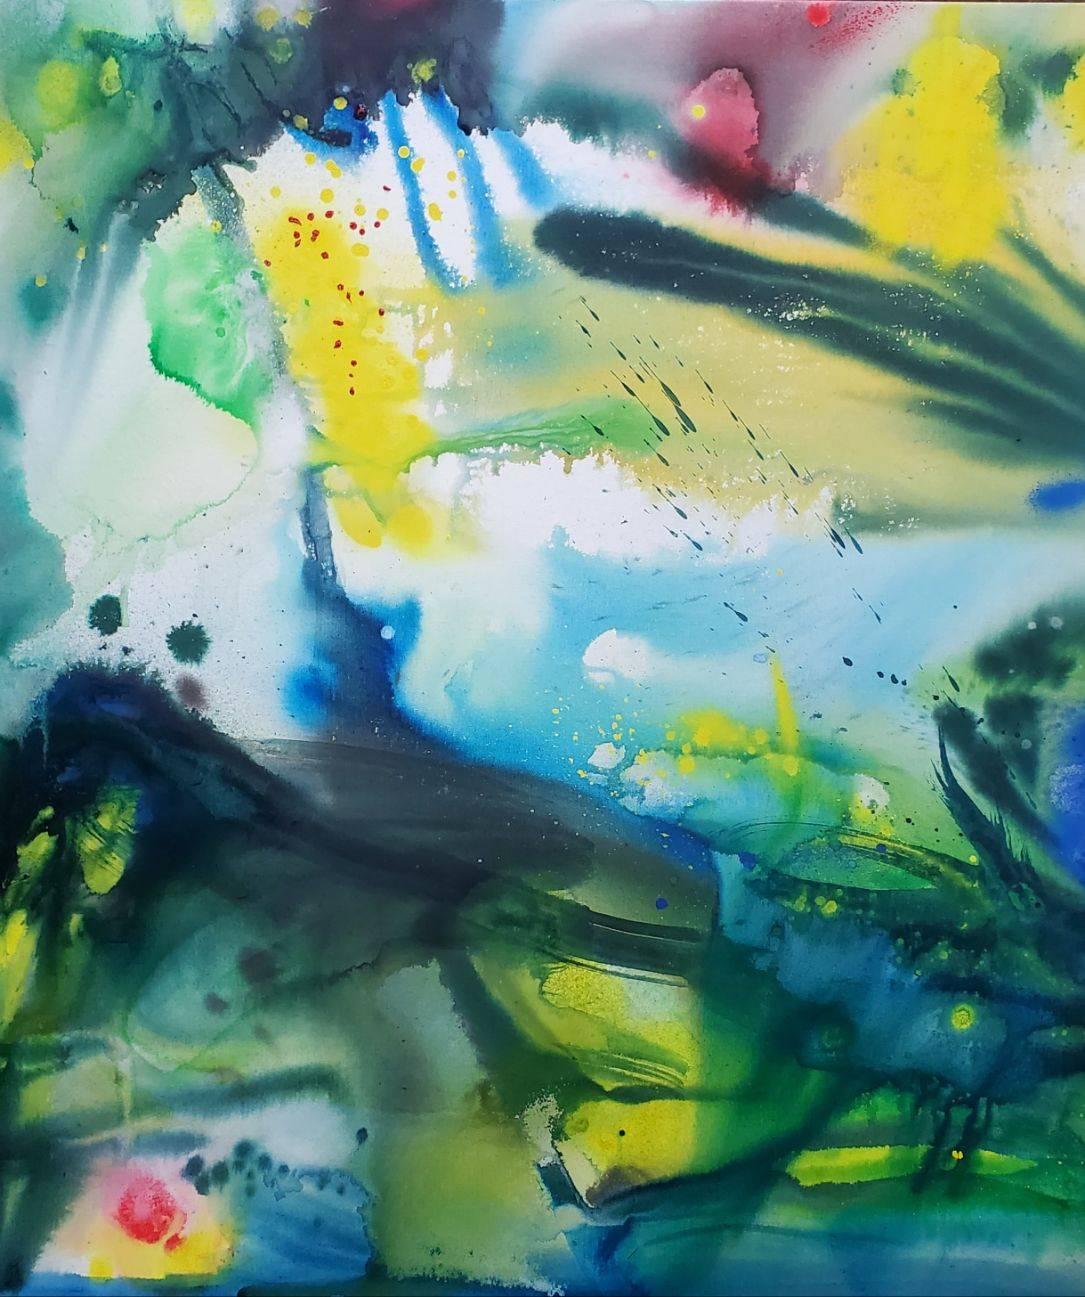 Wonderland あなたの作品が壁にかかっているイメージ